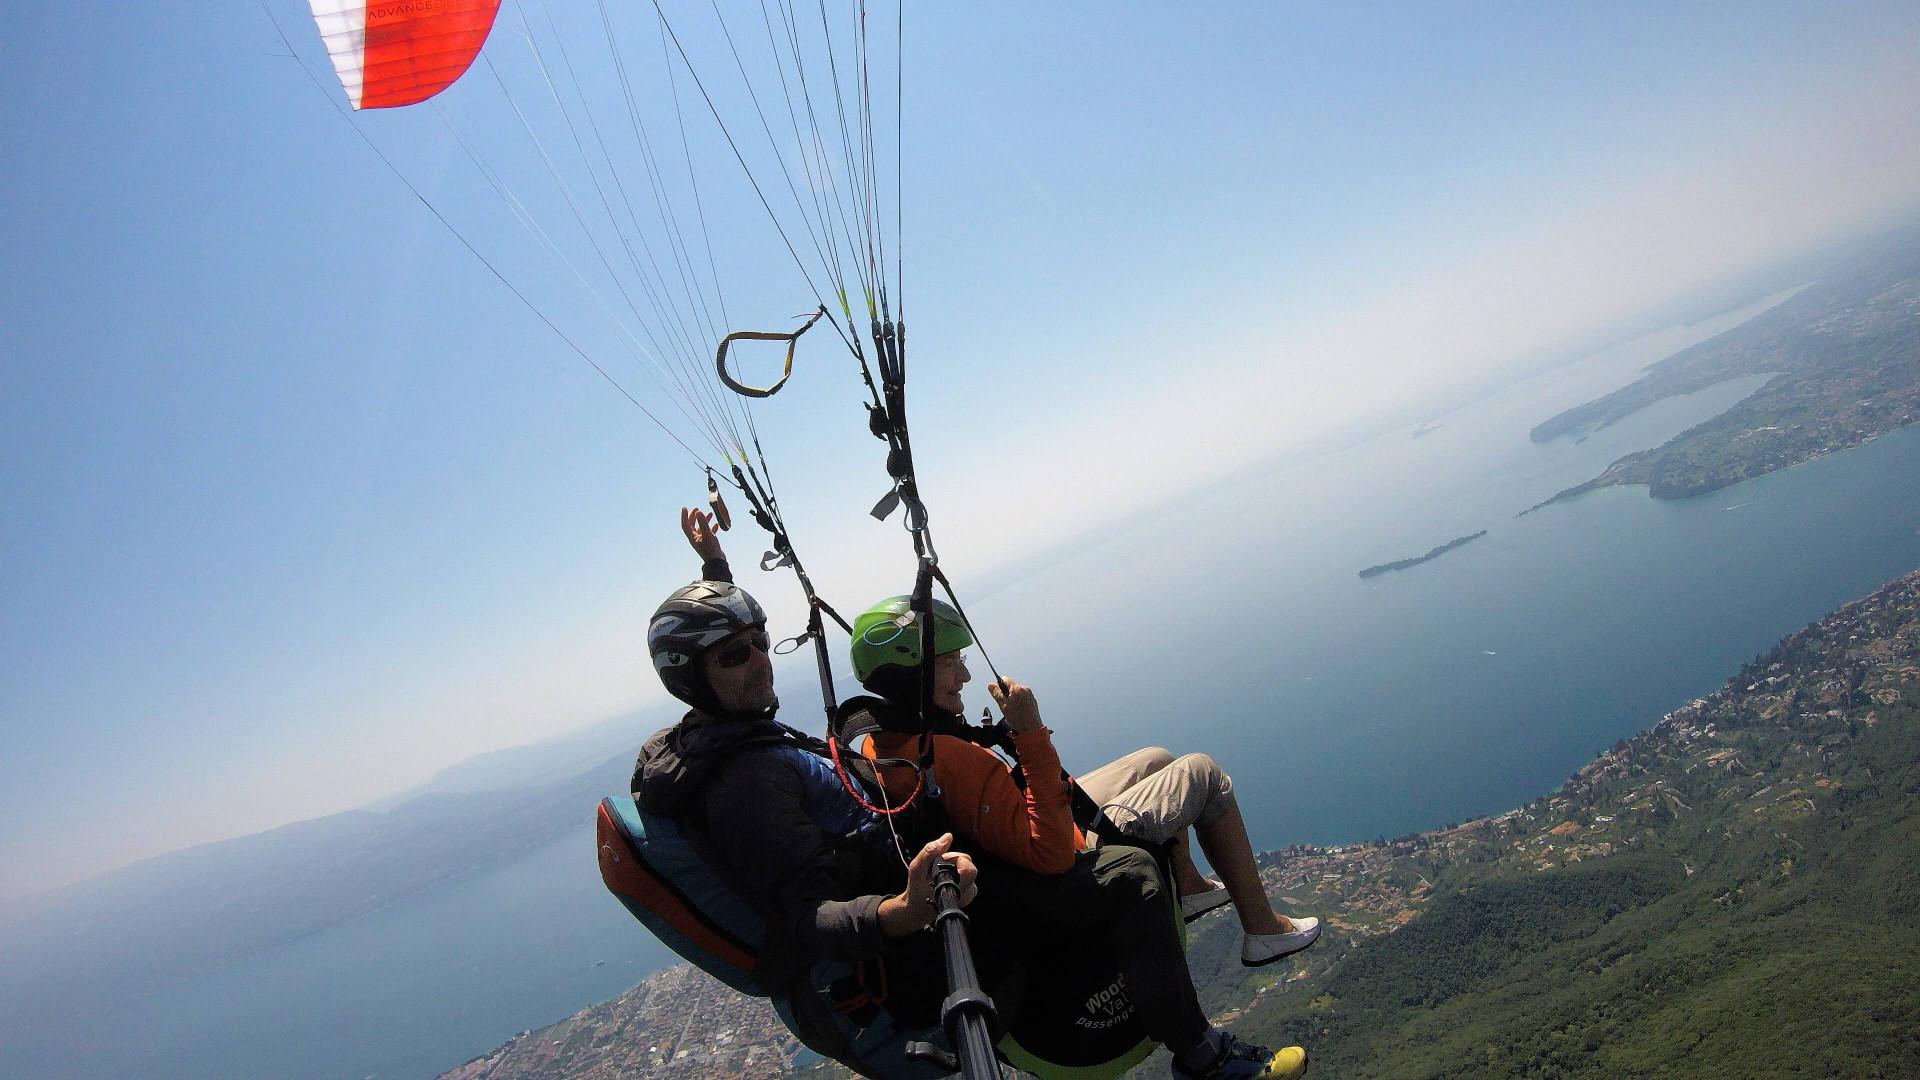 Parapendio biposto sul Lago di Garda (BS)